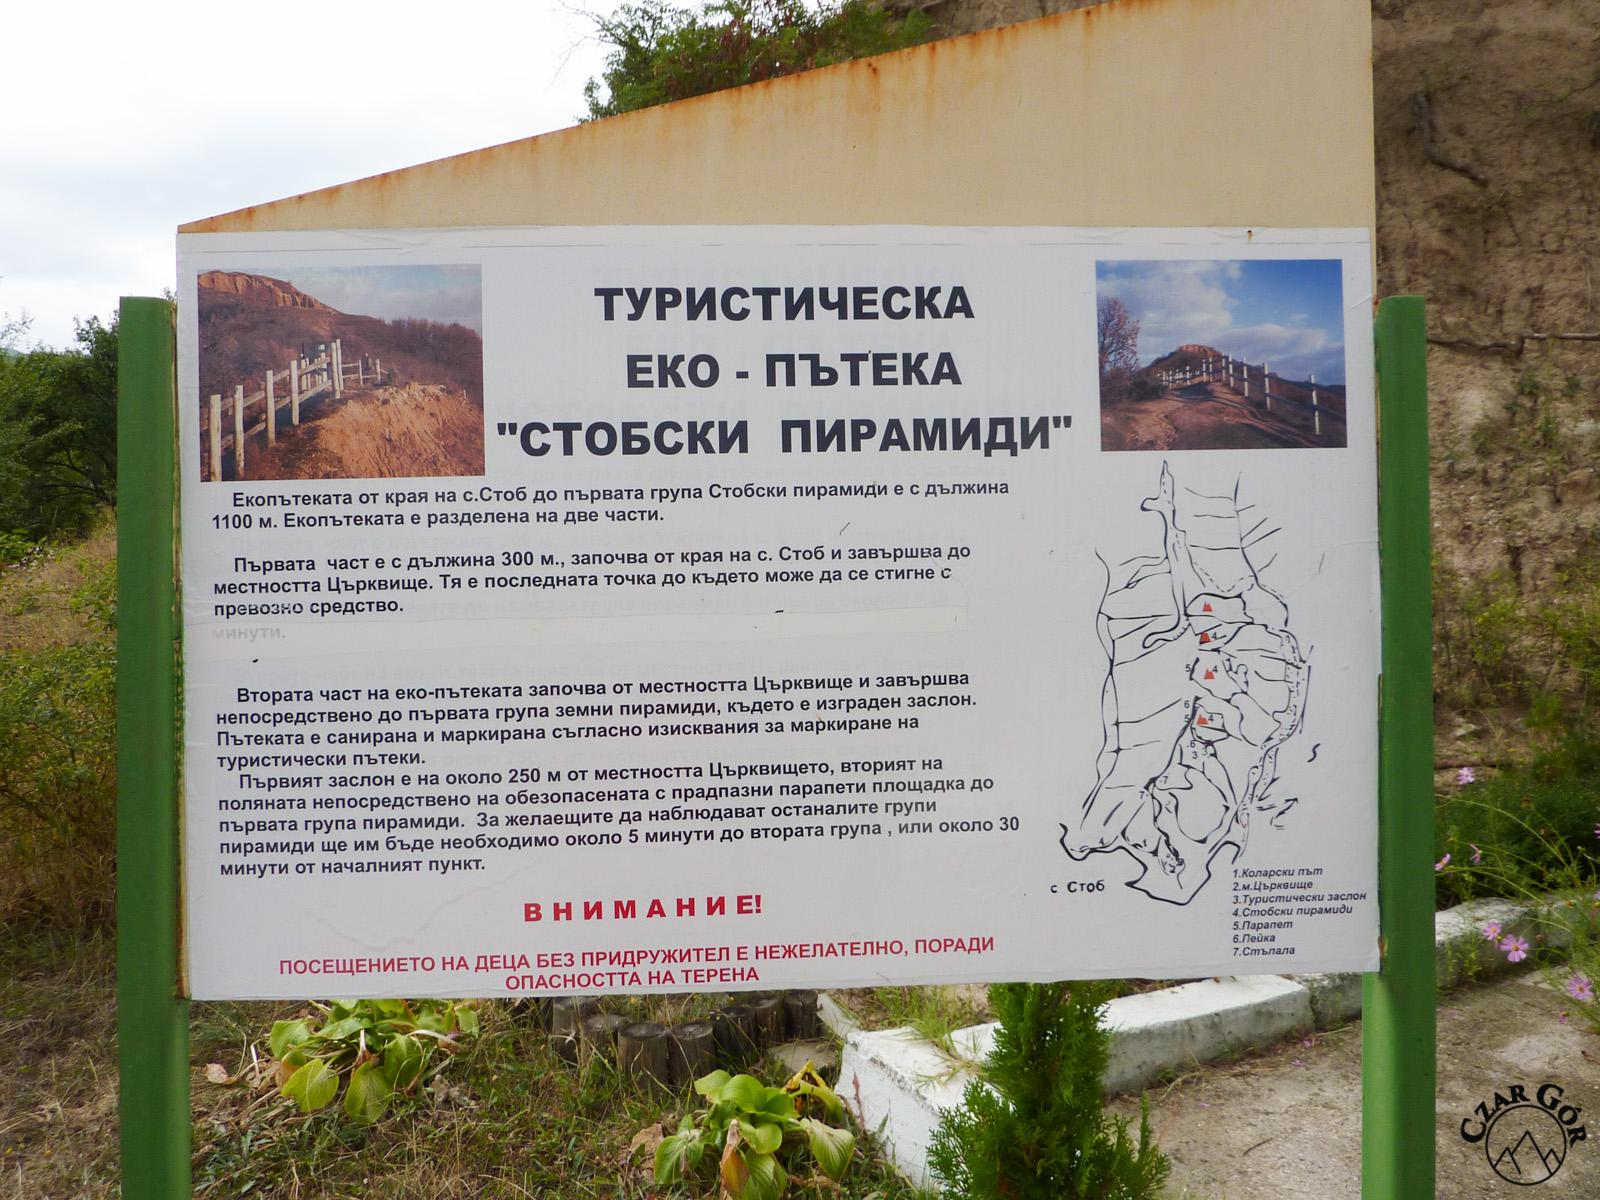 Tablica informacyjna dotycząca Piramid Stobskich